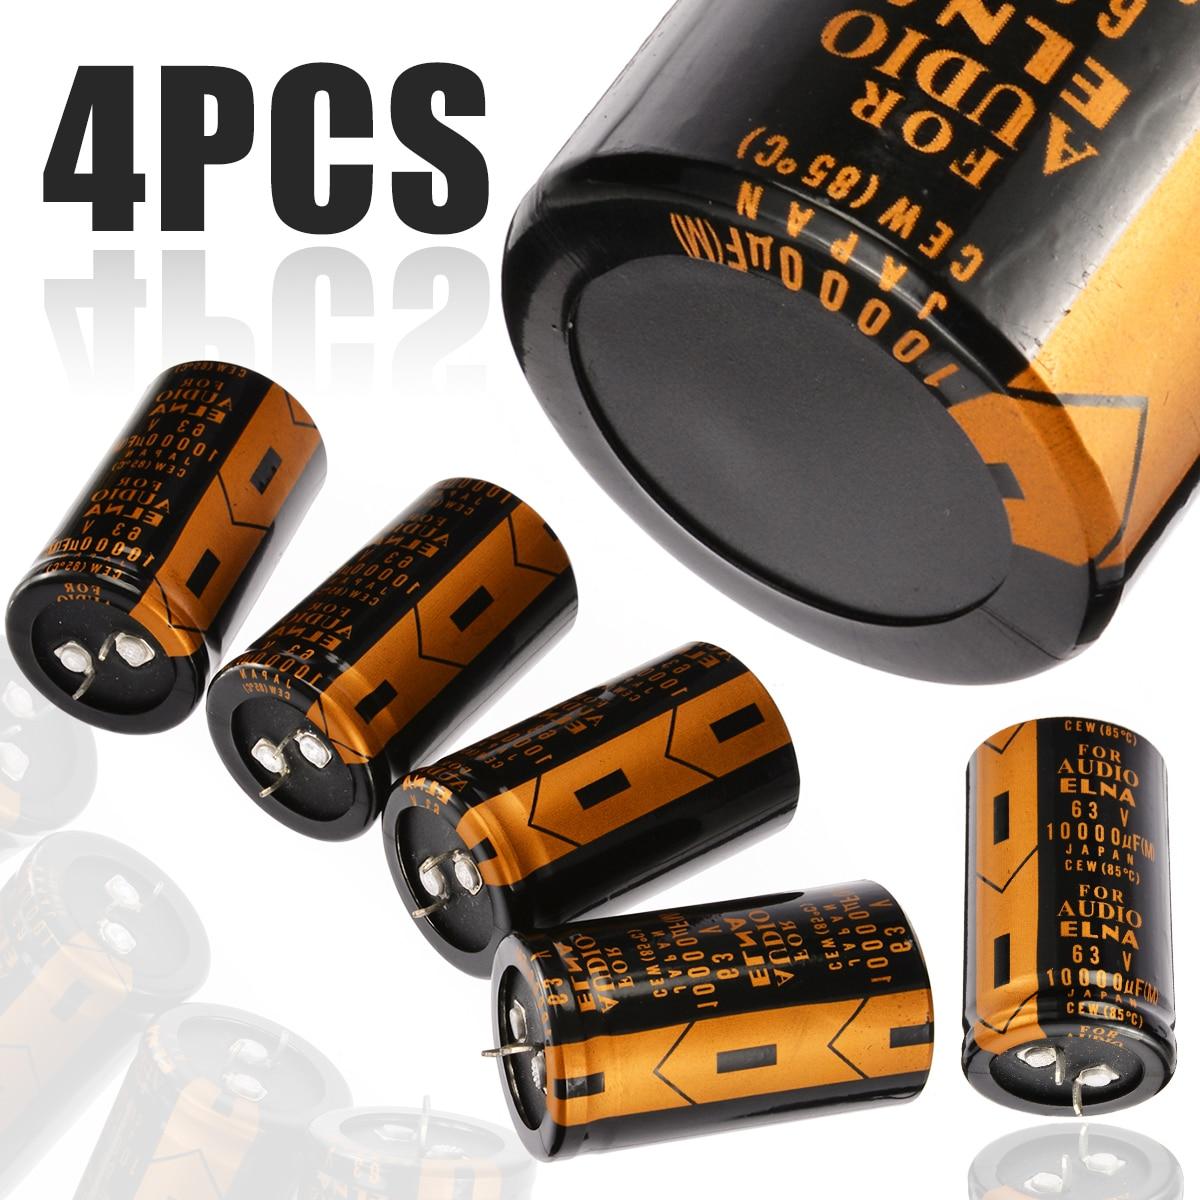 2PCS Original ELNA Lao 10000uf 63V Audio Top Power Electrolytic Filter Capacitor